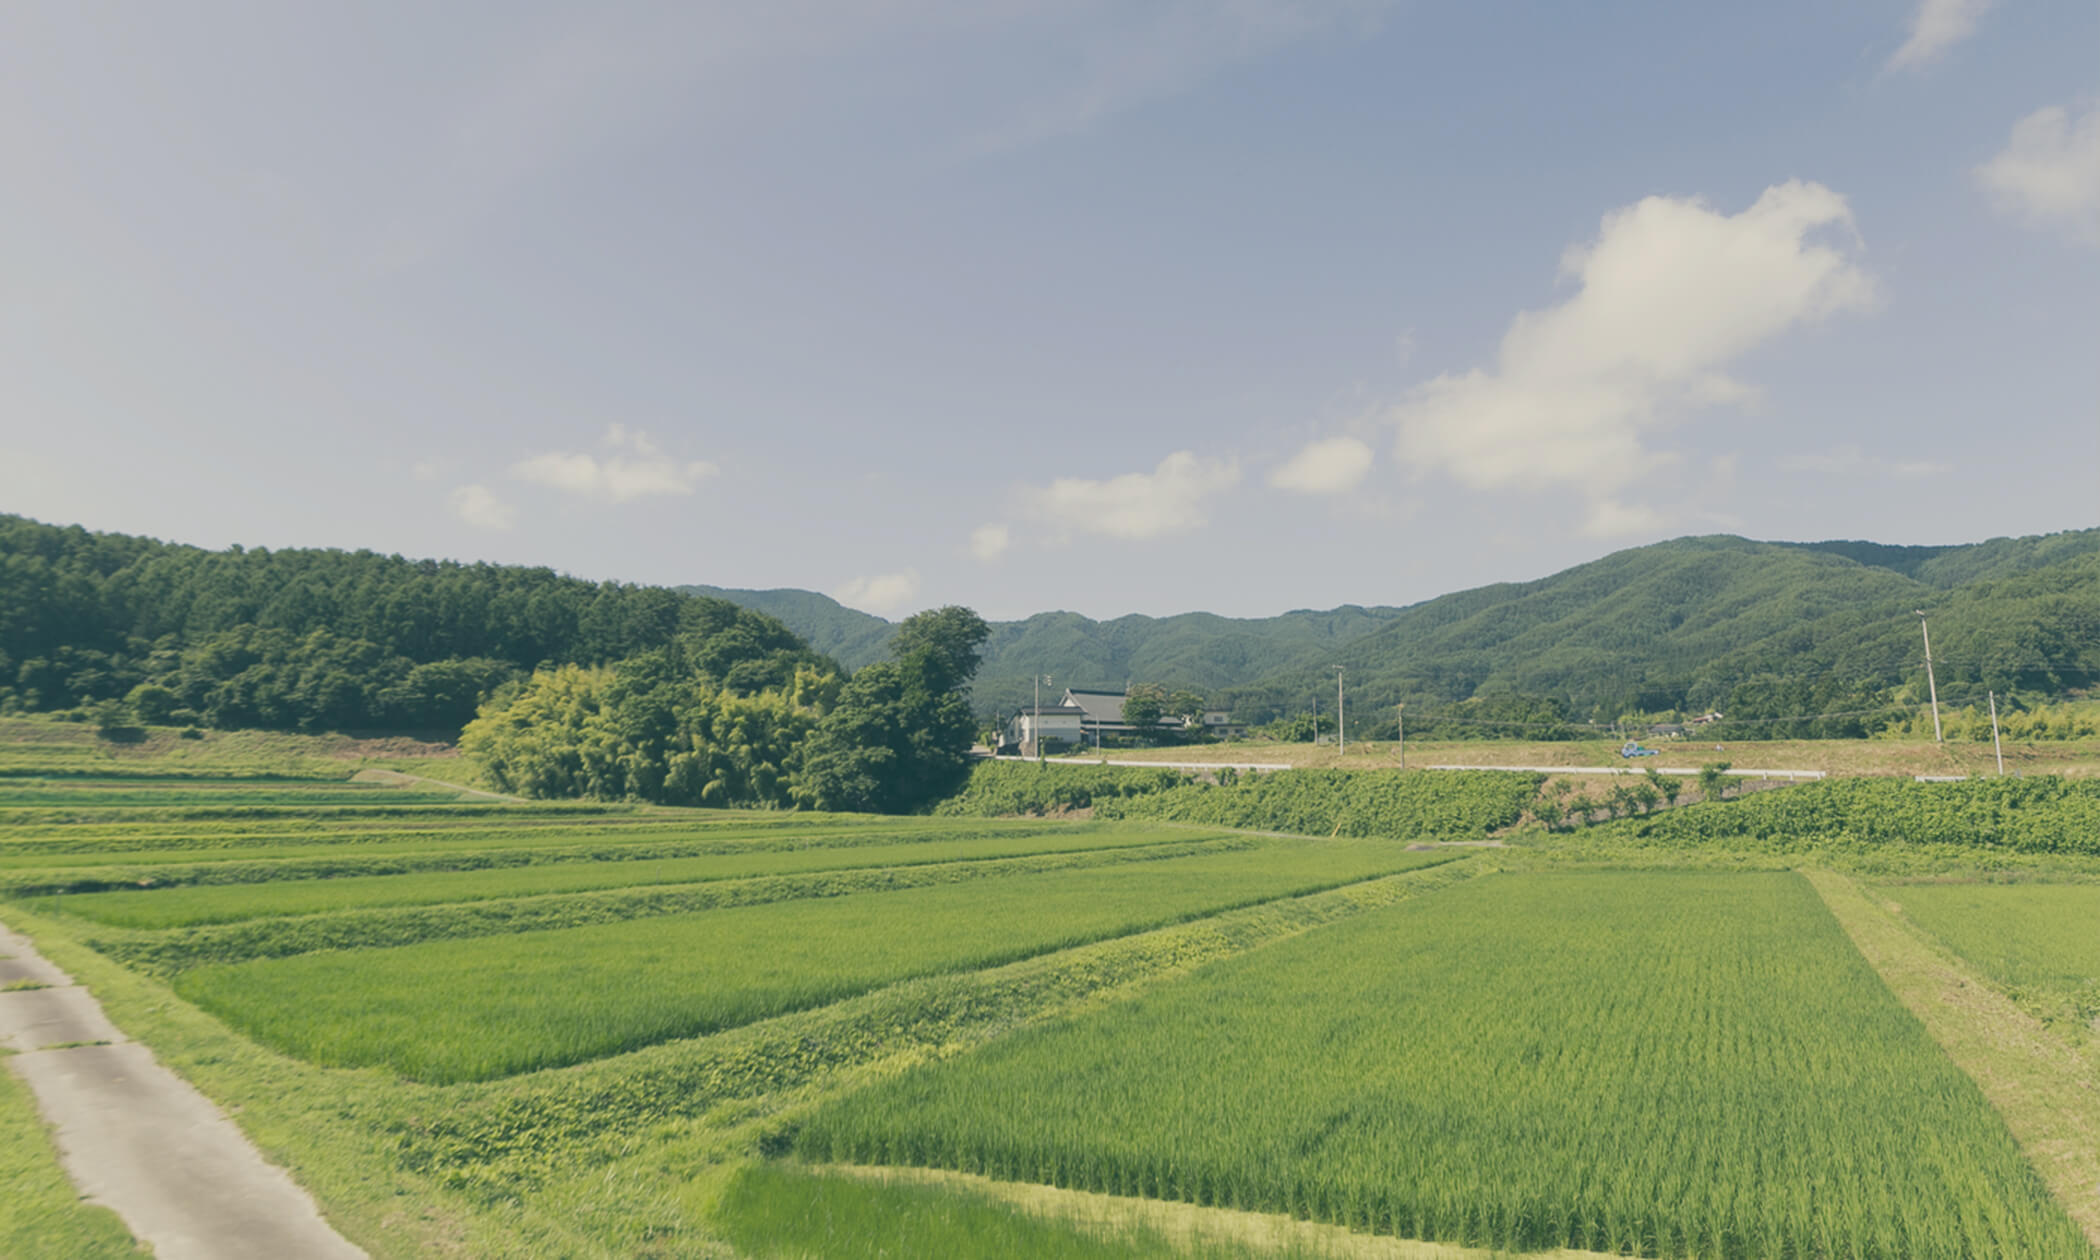 伊那谷エントランス|長野県南部伊那谷の宿泊施設、体験施設、飲食店 ...